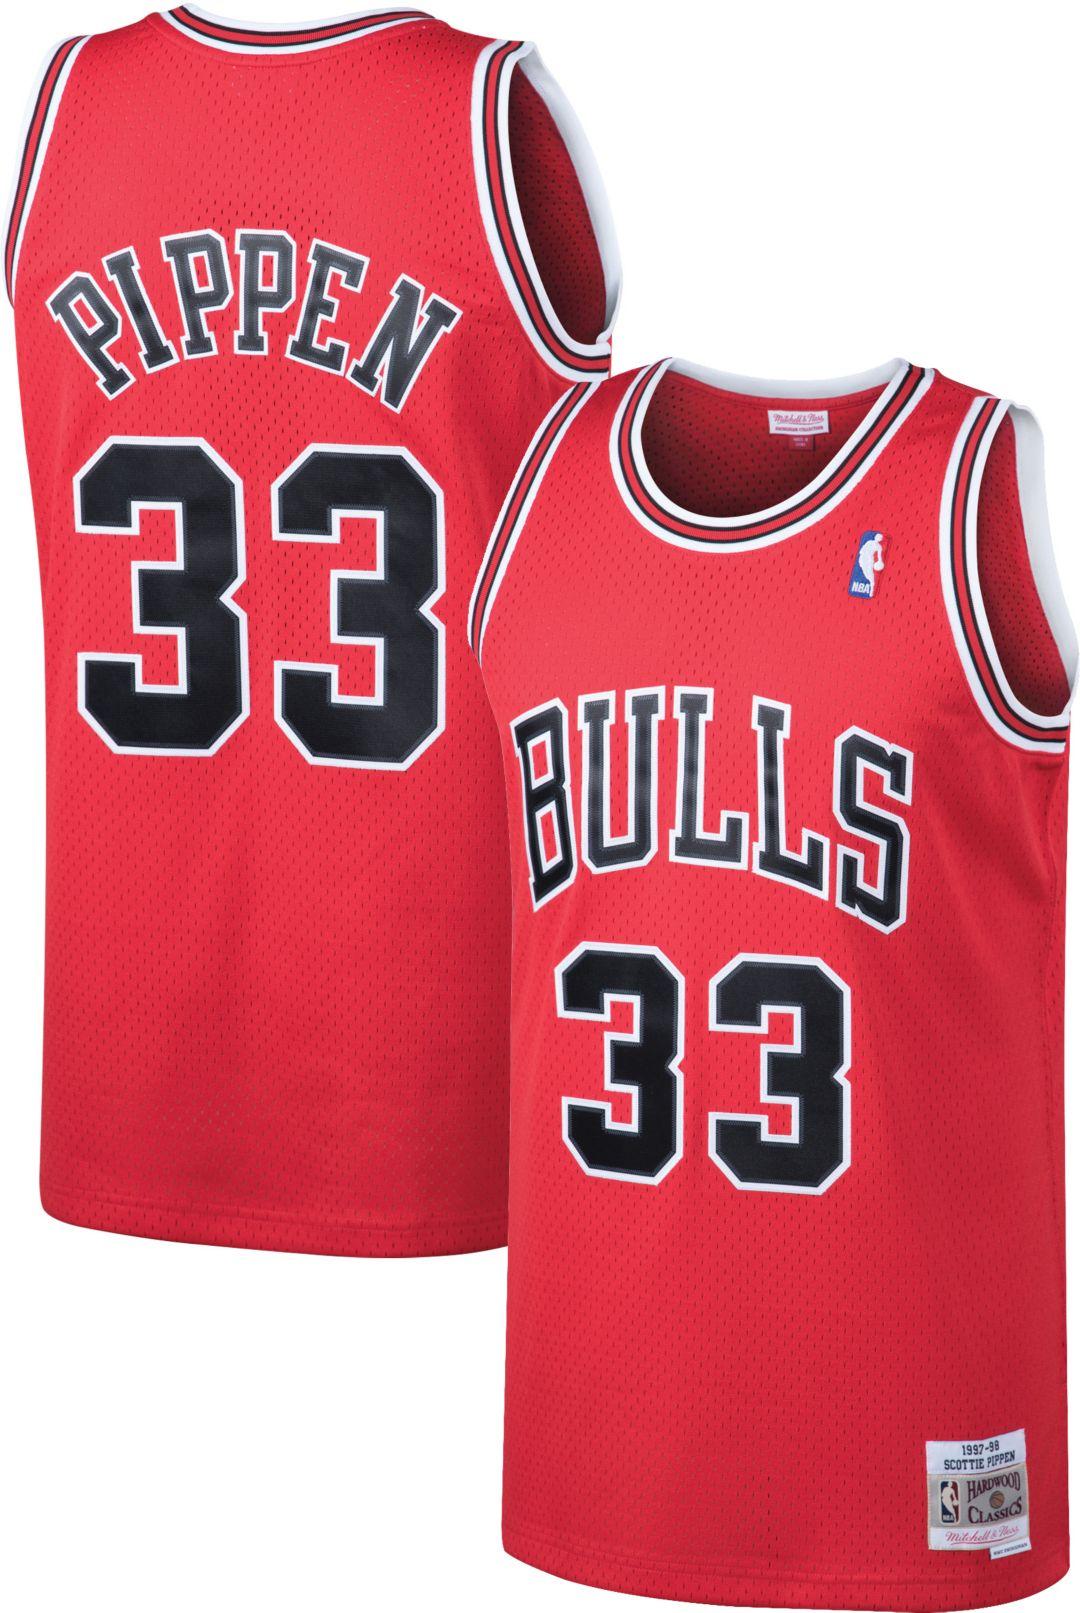 0d0a3a16cd1 Mitchell   Ness Men s Chicago Bulls Scottie Pippen  33 Swingman Jersey 1